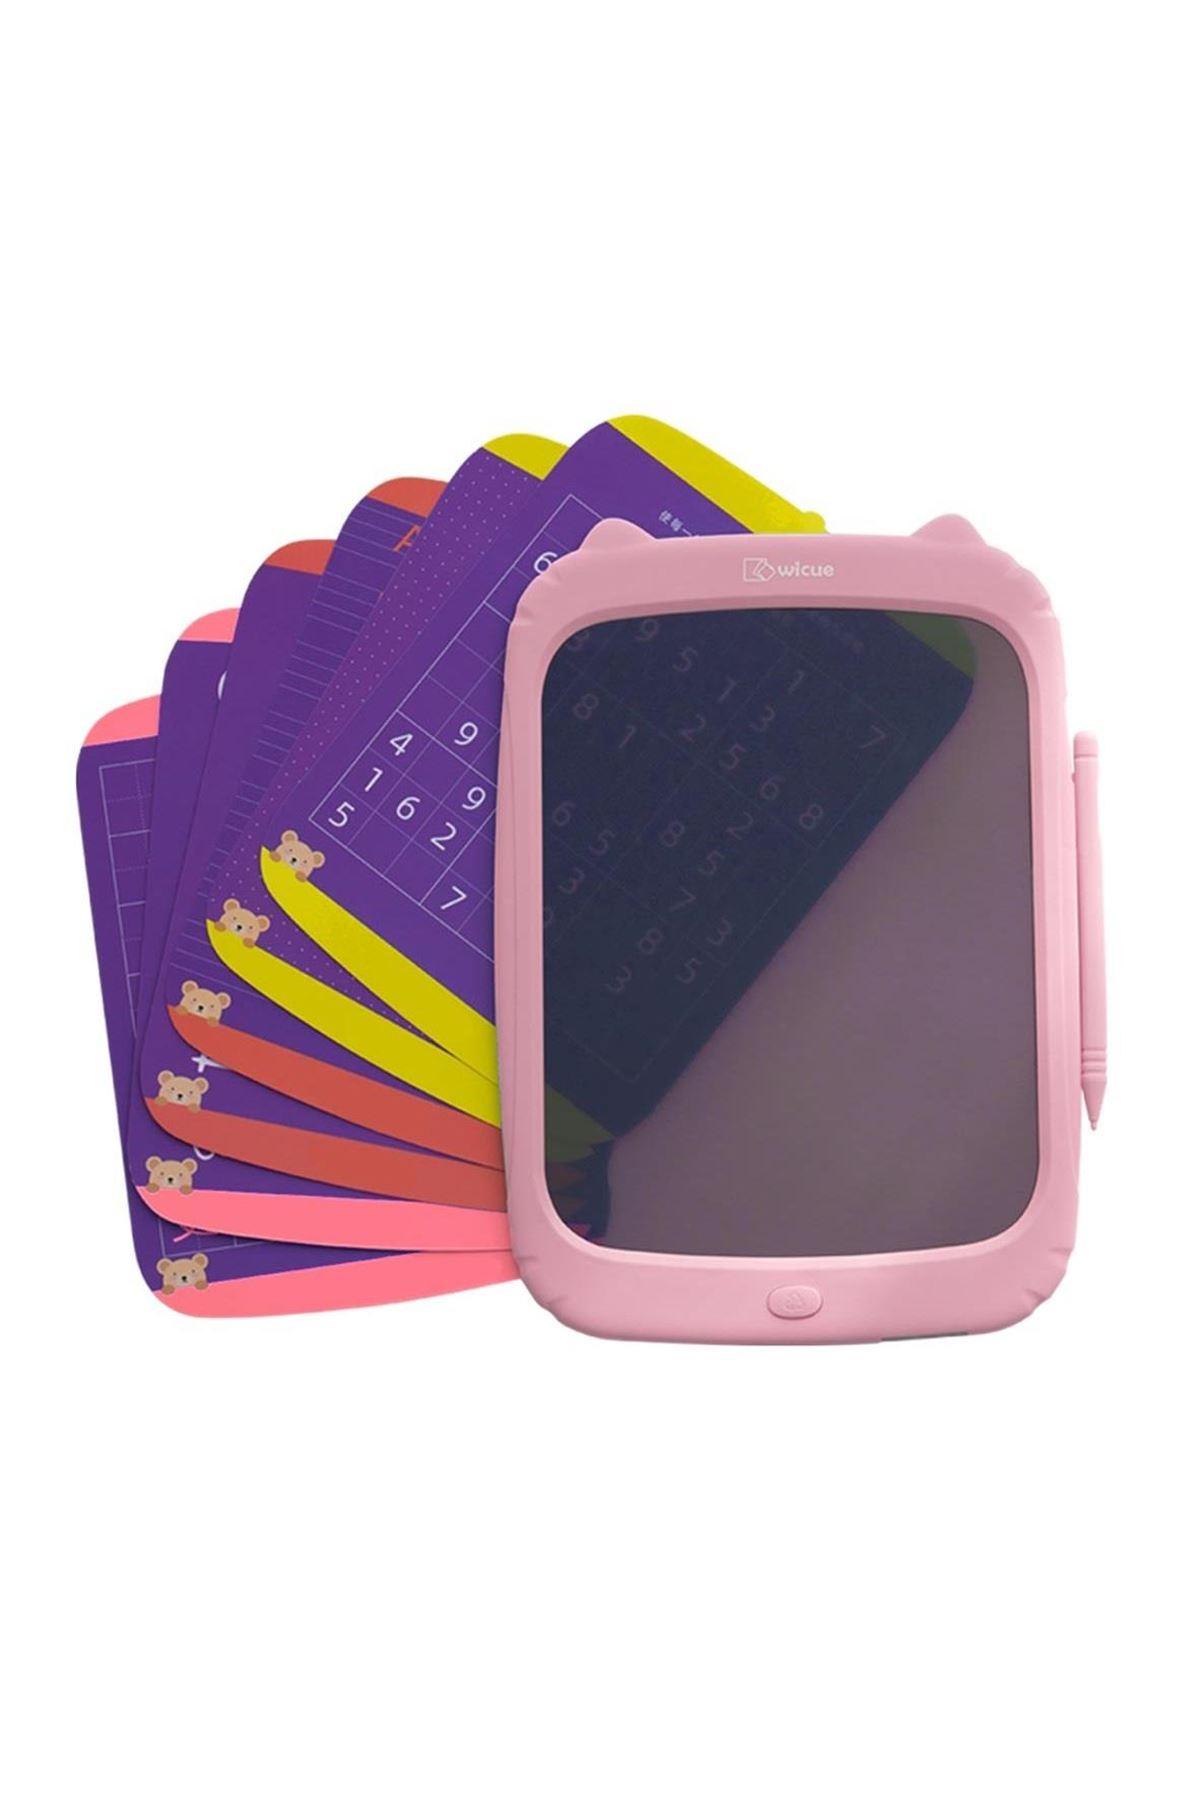 Xiaomi Wicue 11 Saydam LCD Dijital Eğitim Tableti Pembe